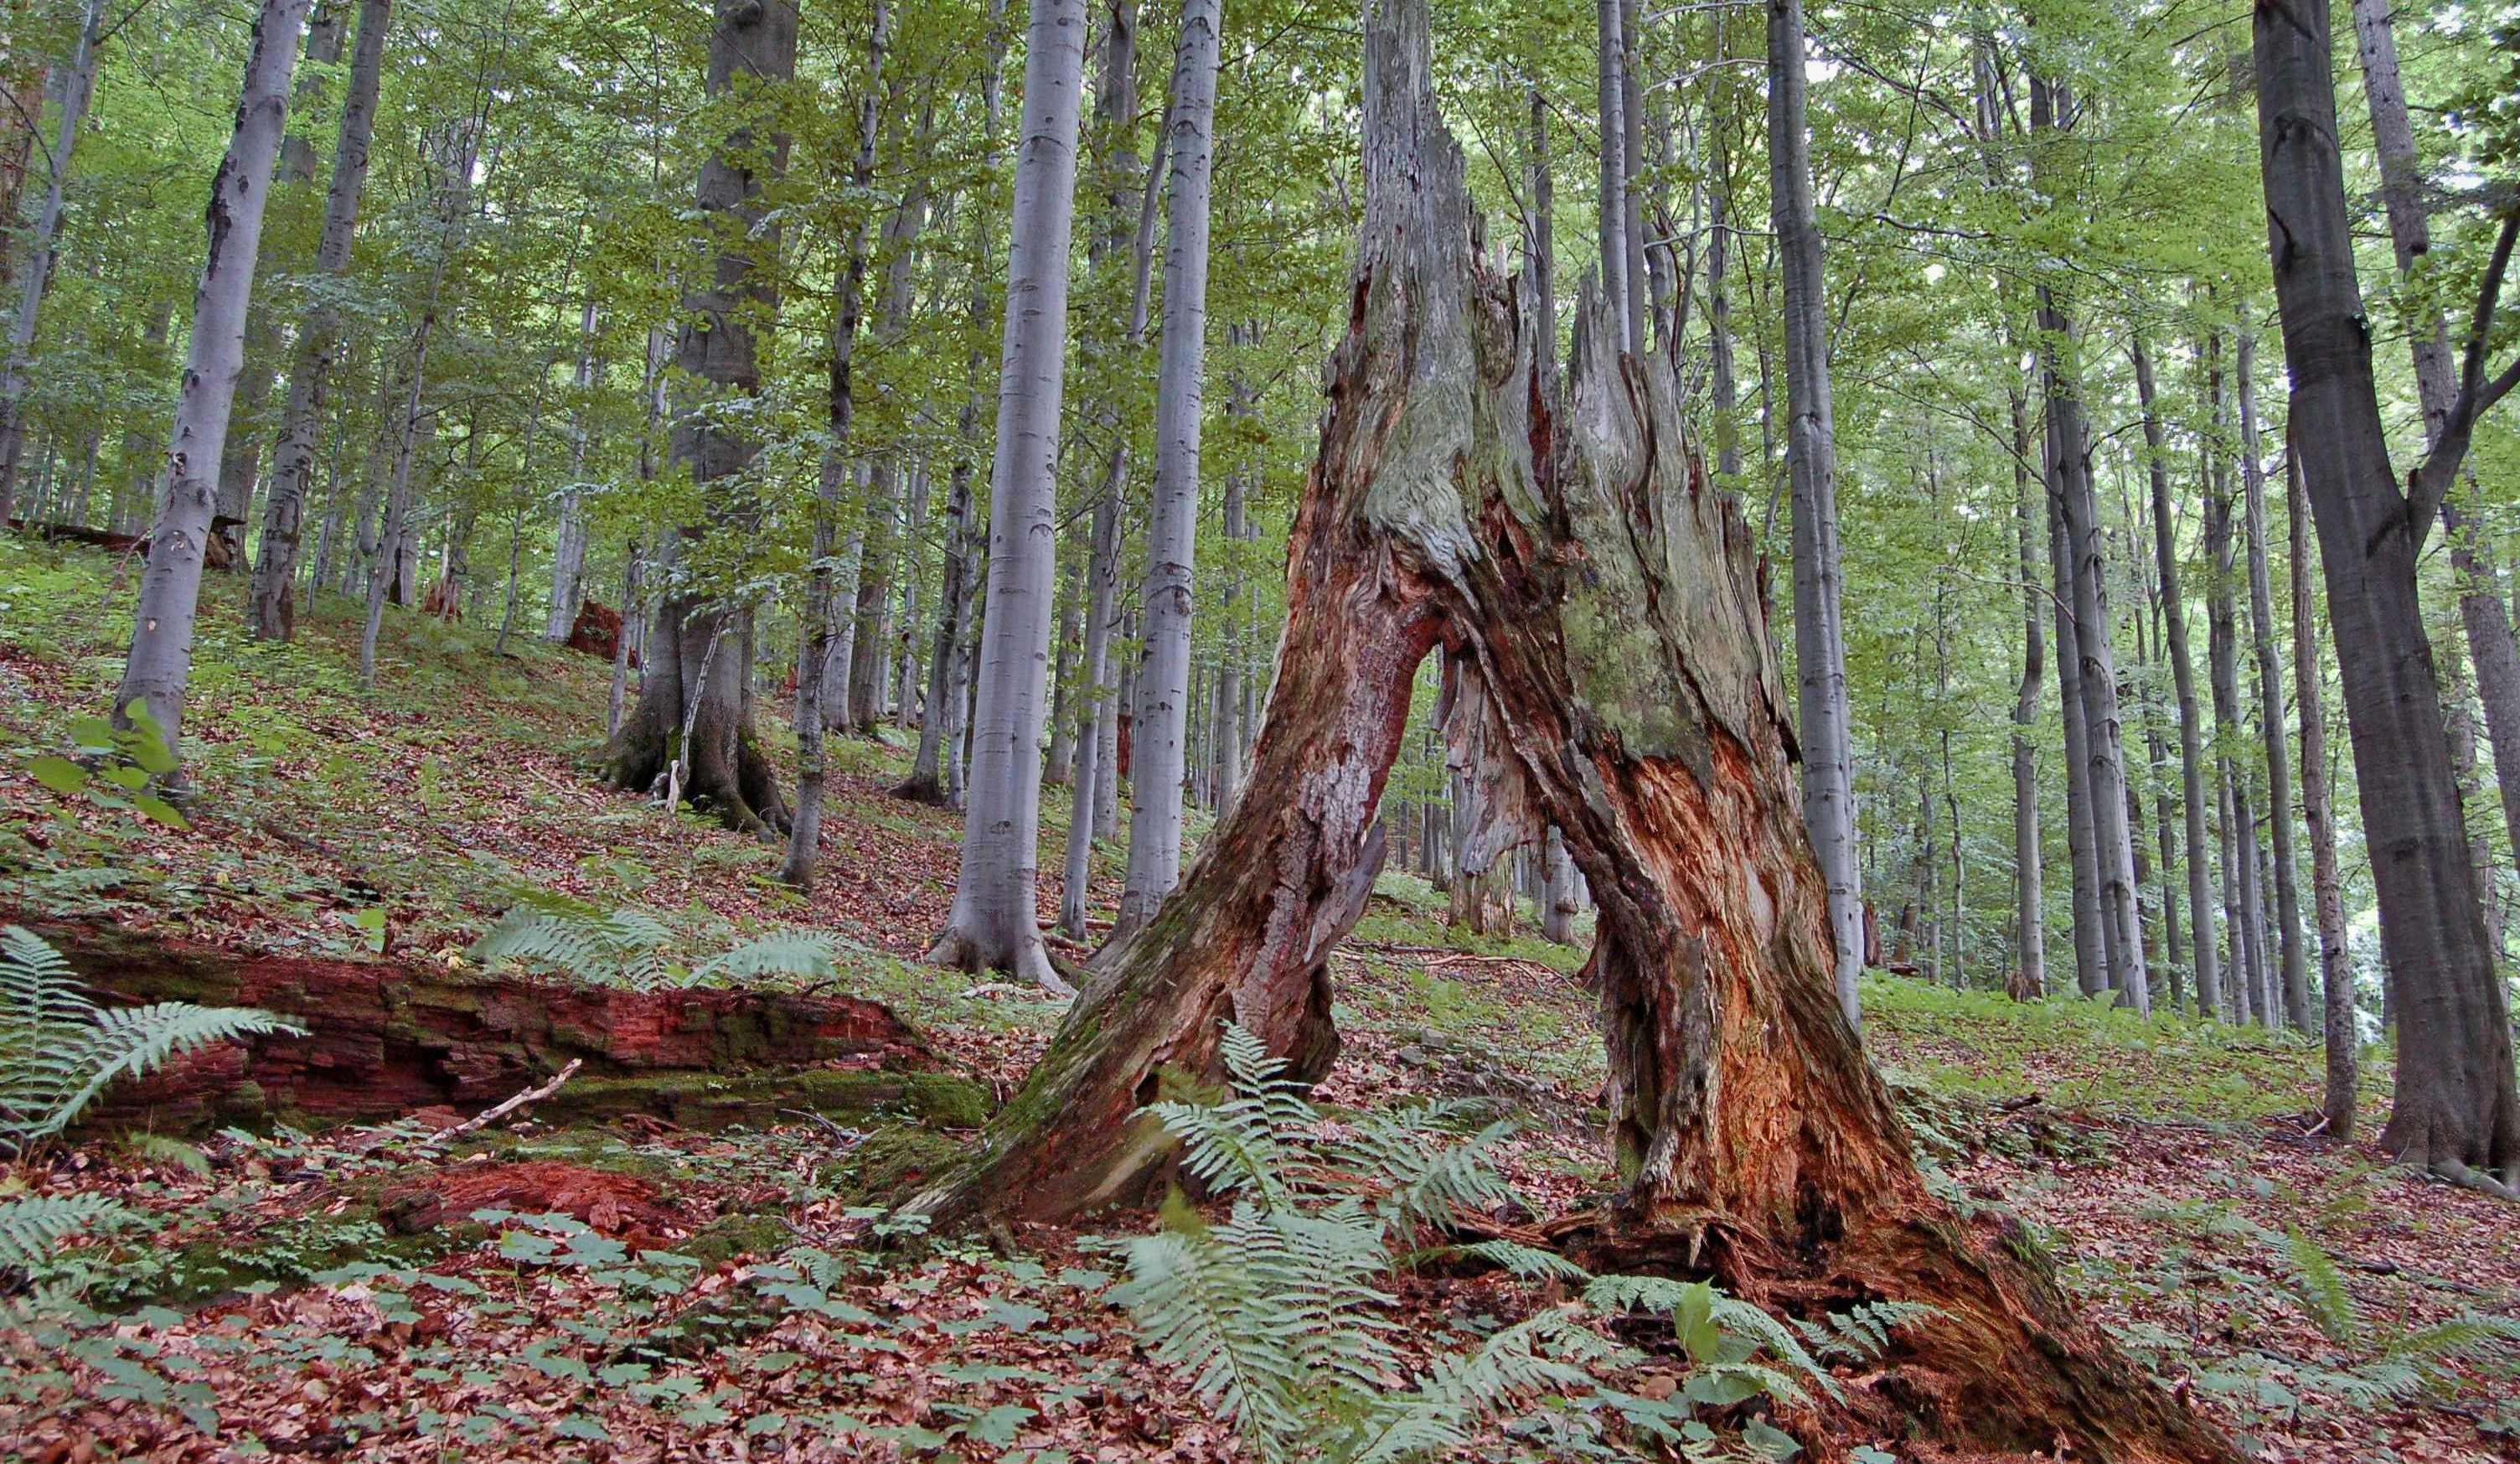 Mrtvé dřevo významně napomáhá rozmanitosti lesů